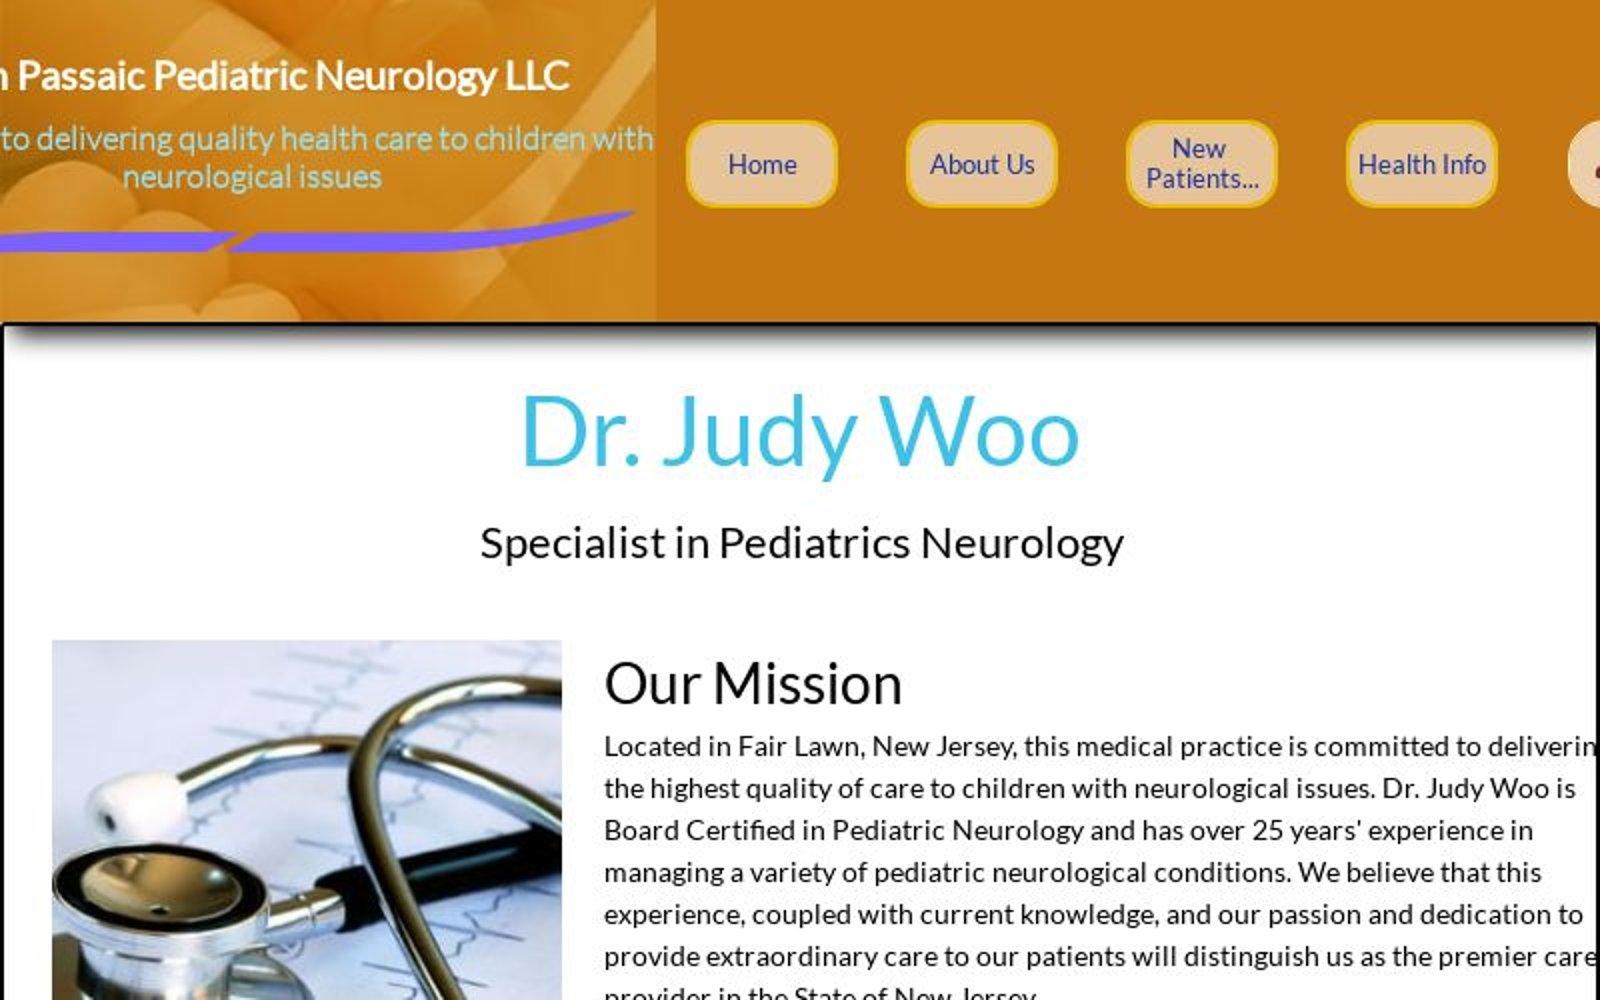 Home Page - Dr Judy Woo, Bergen Passaic Pediatric Neurology